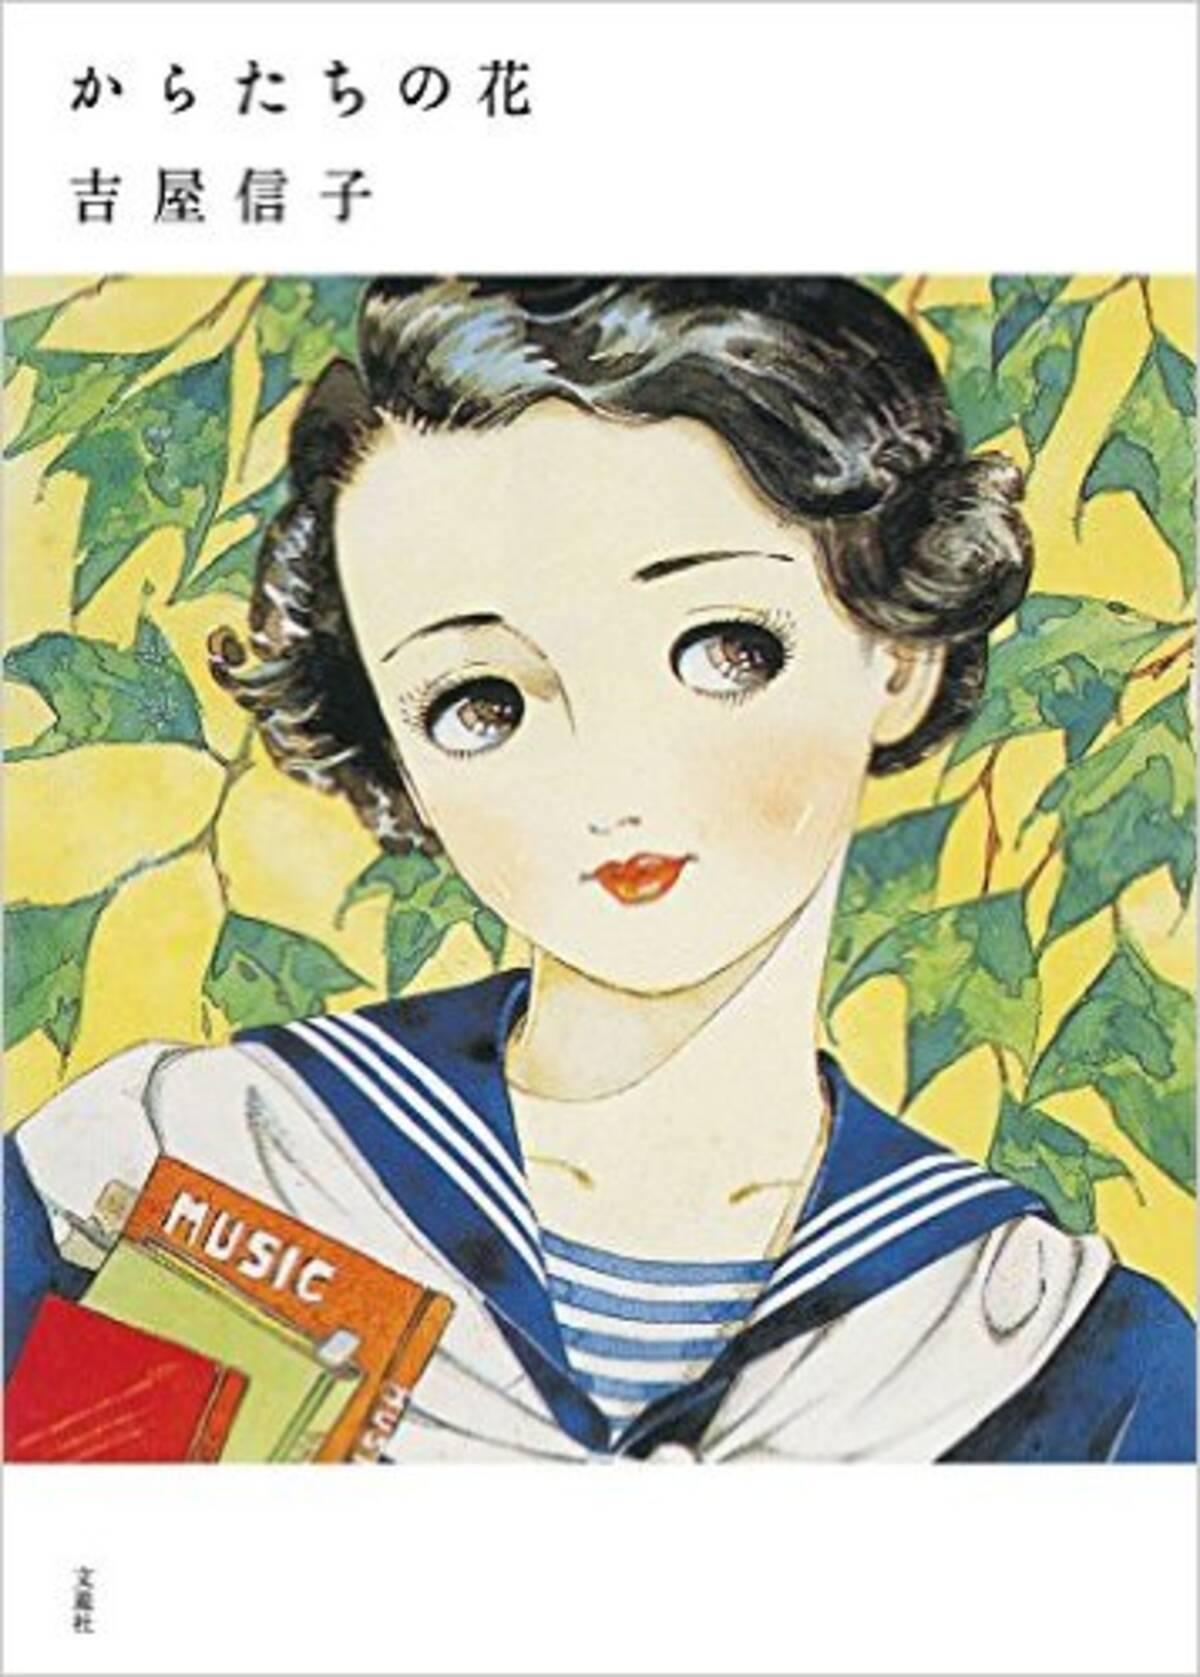 毒母のせいで自己評価が低い、悪夢のような容貌重視社会を生きる少女の ...